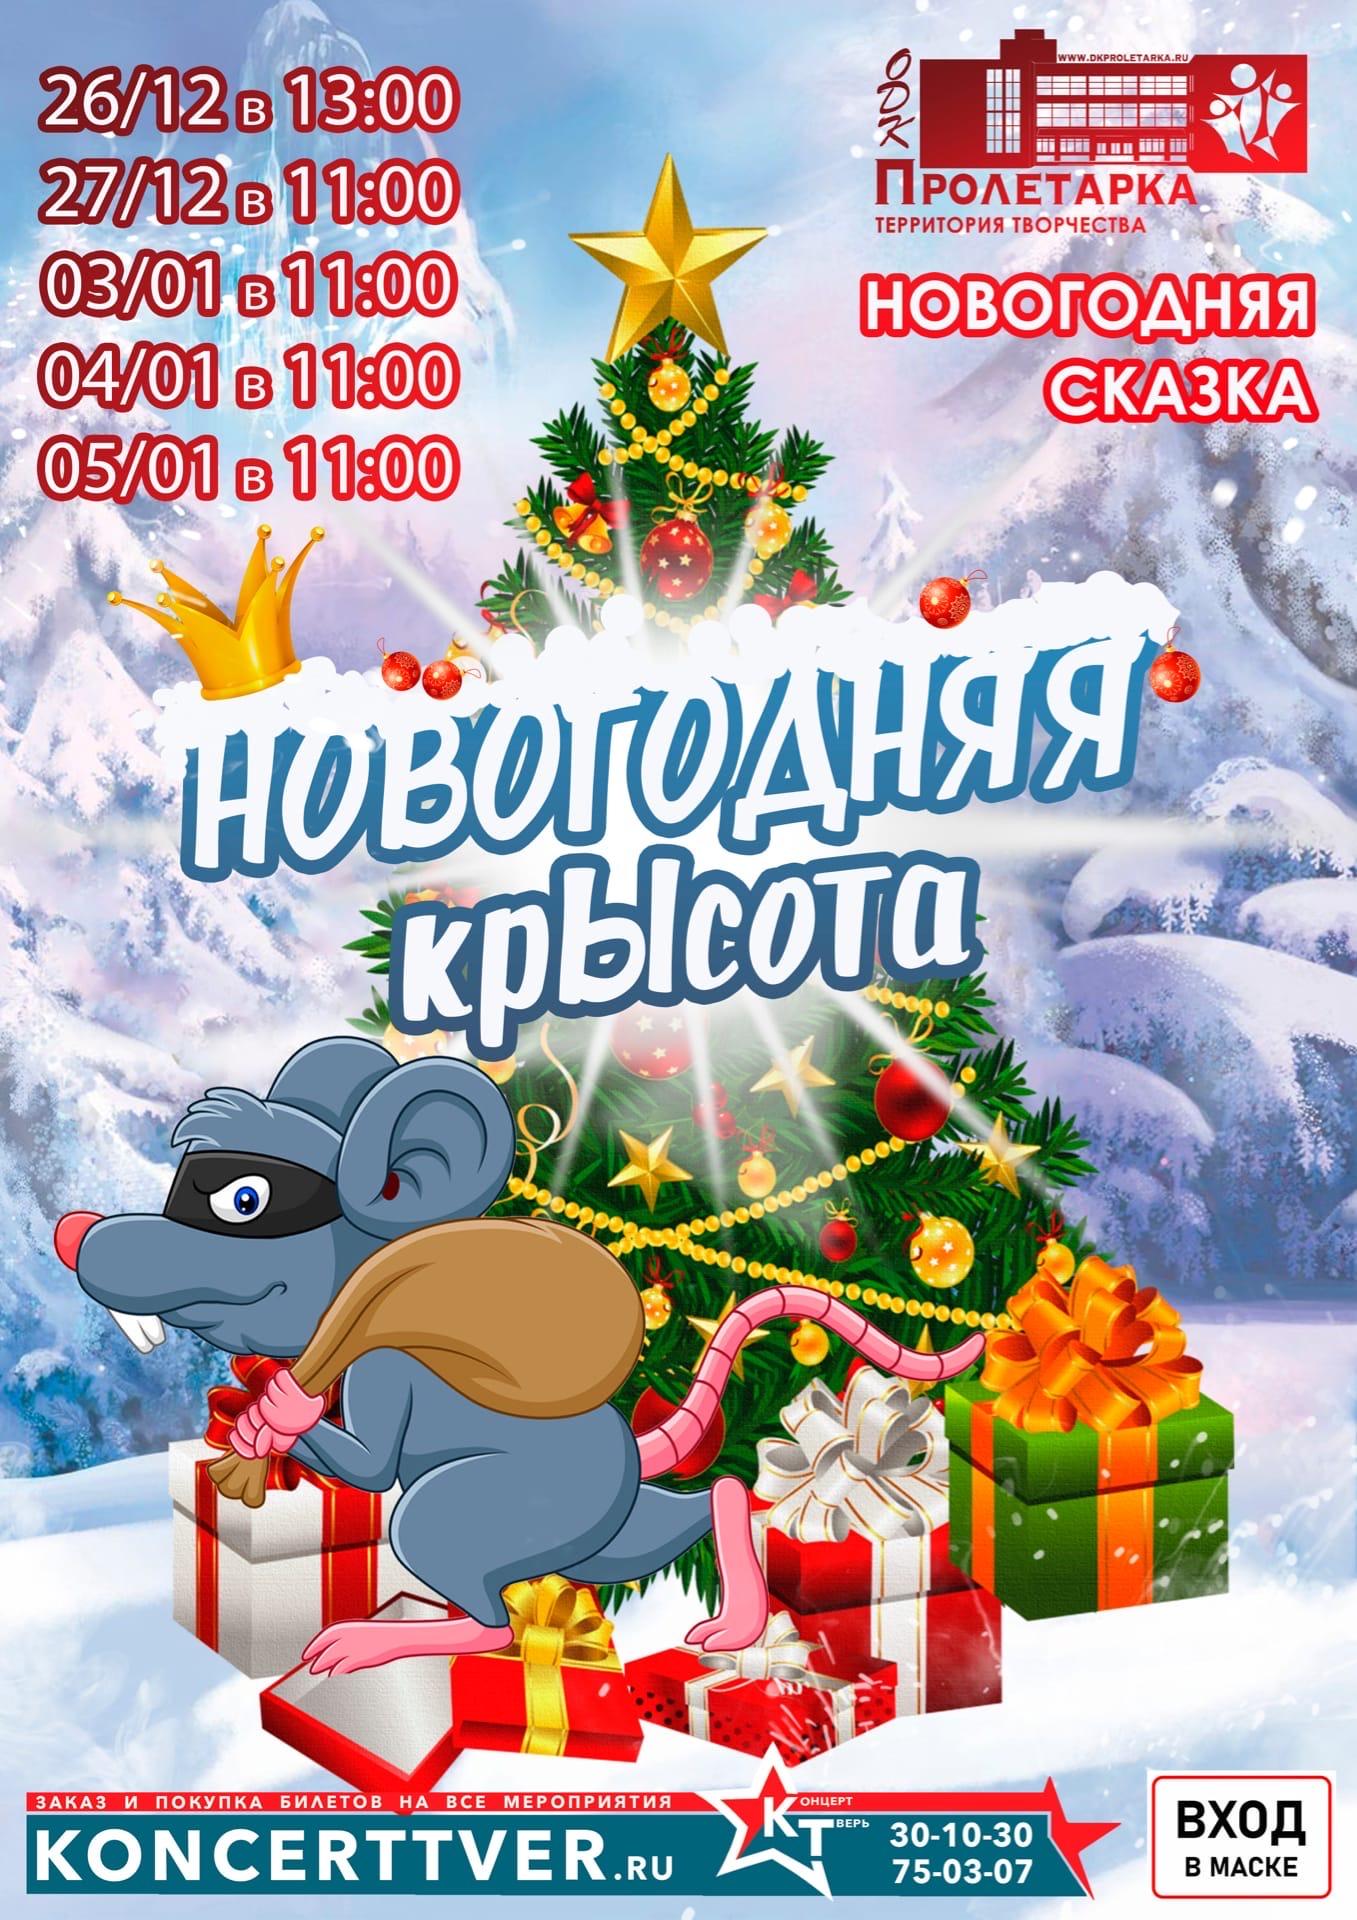 """В Твери покажут новогоднюю """"крысоту"""" по-пролетарски"""